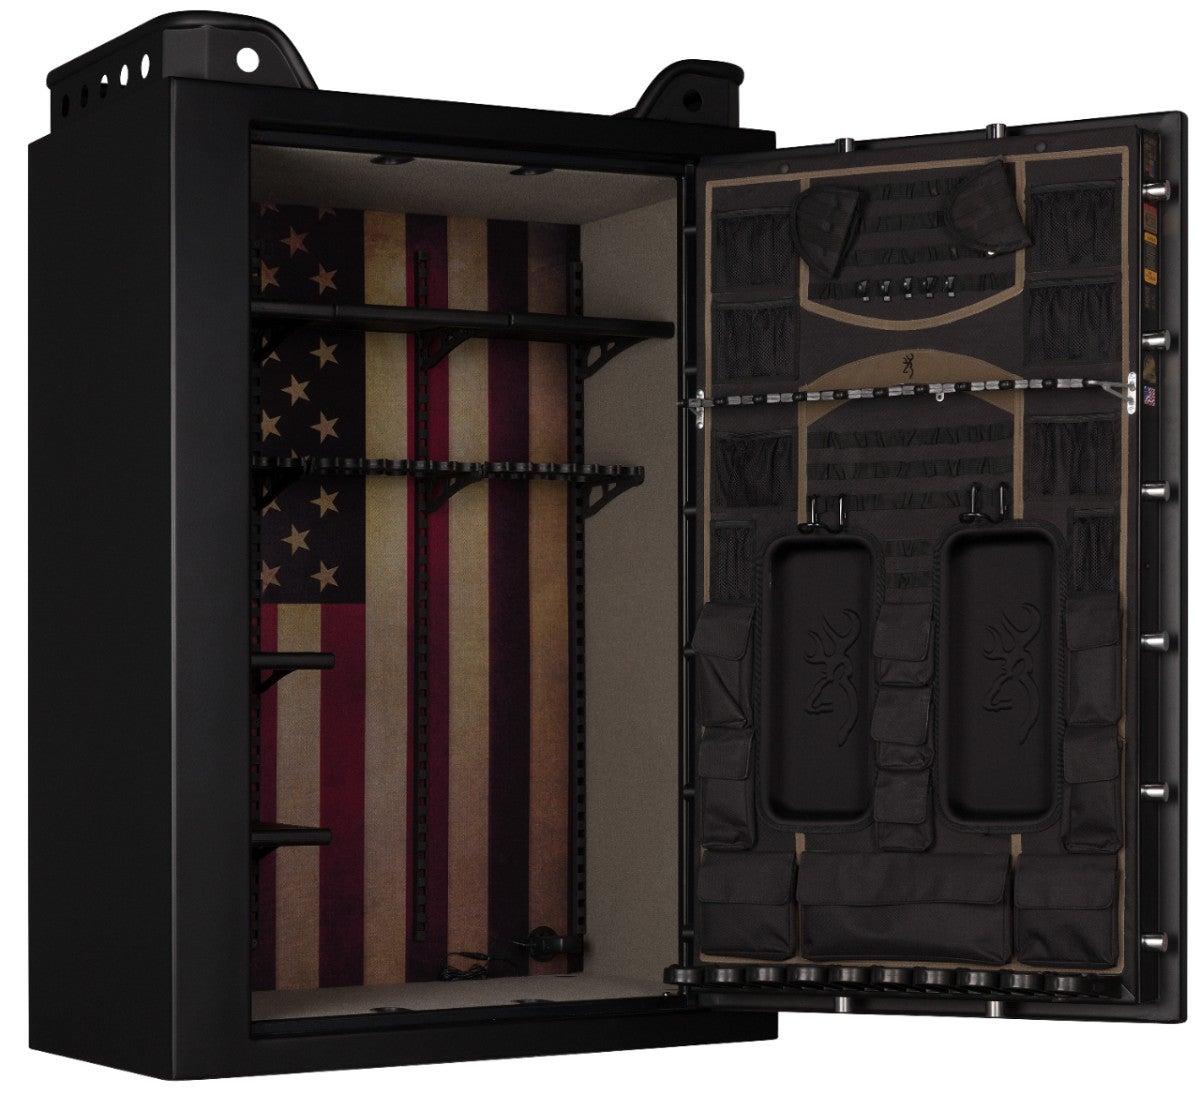 Black Label Mark Iv Tactical Safes